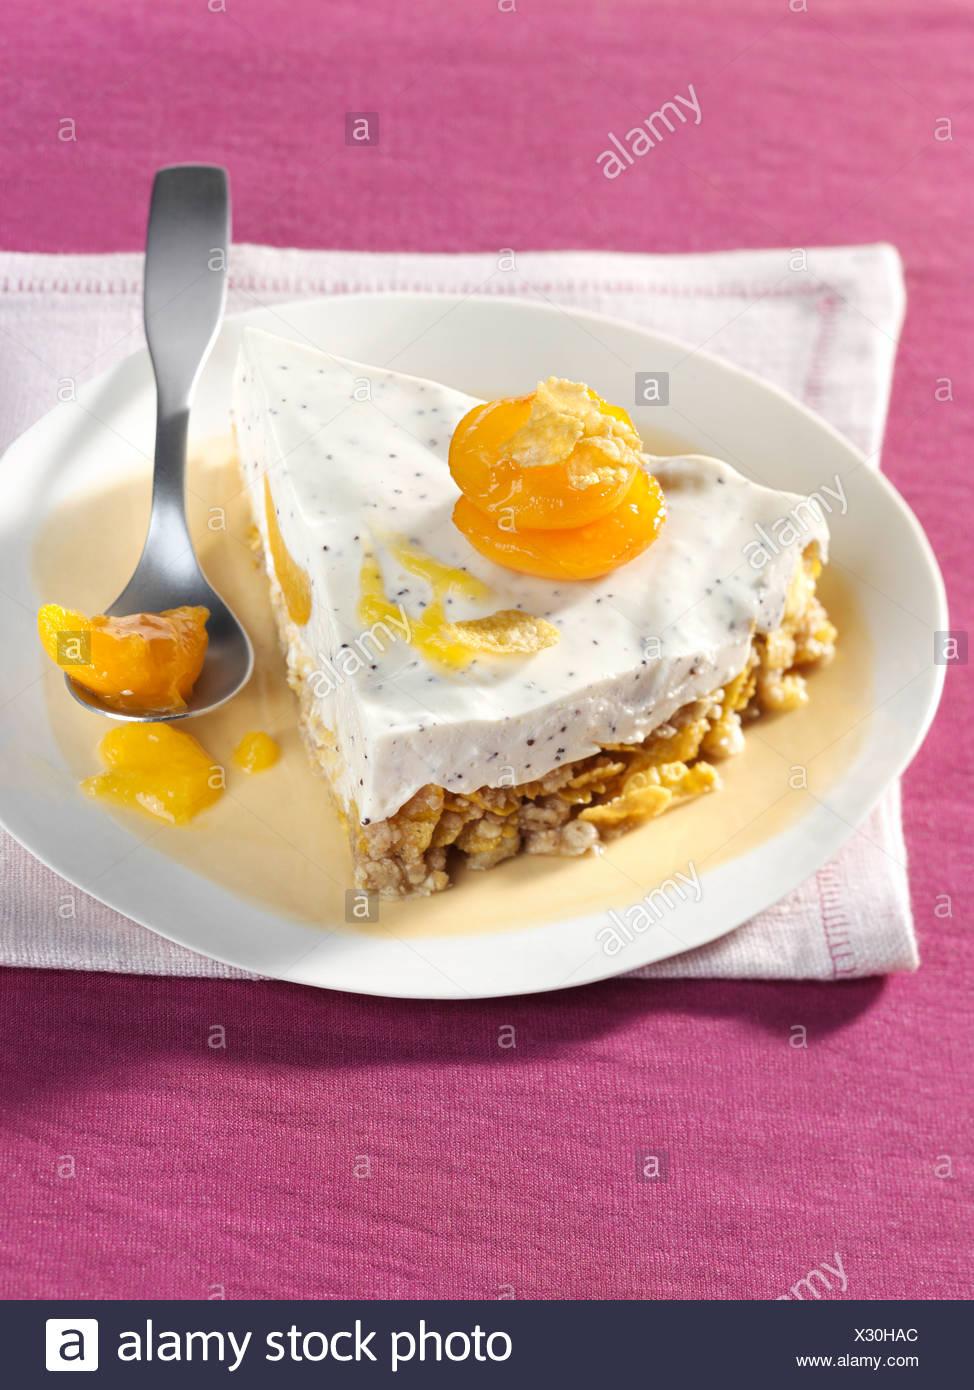 Apricot Kuchen Auf Einem Musli Cornflakes Ohne Backen Stockfoto